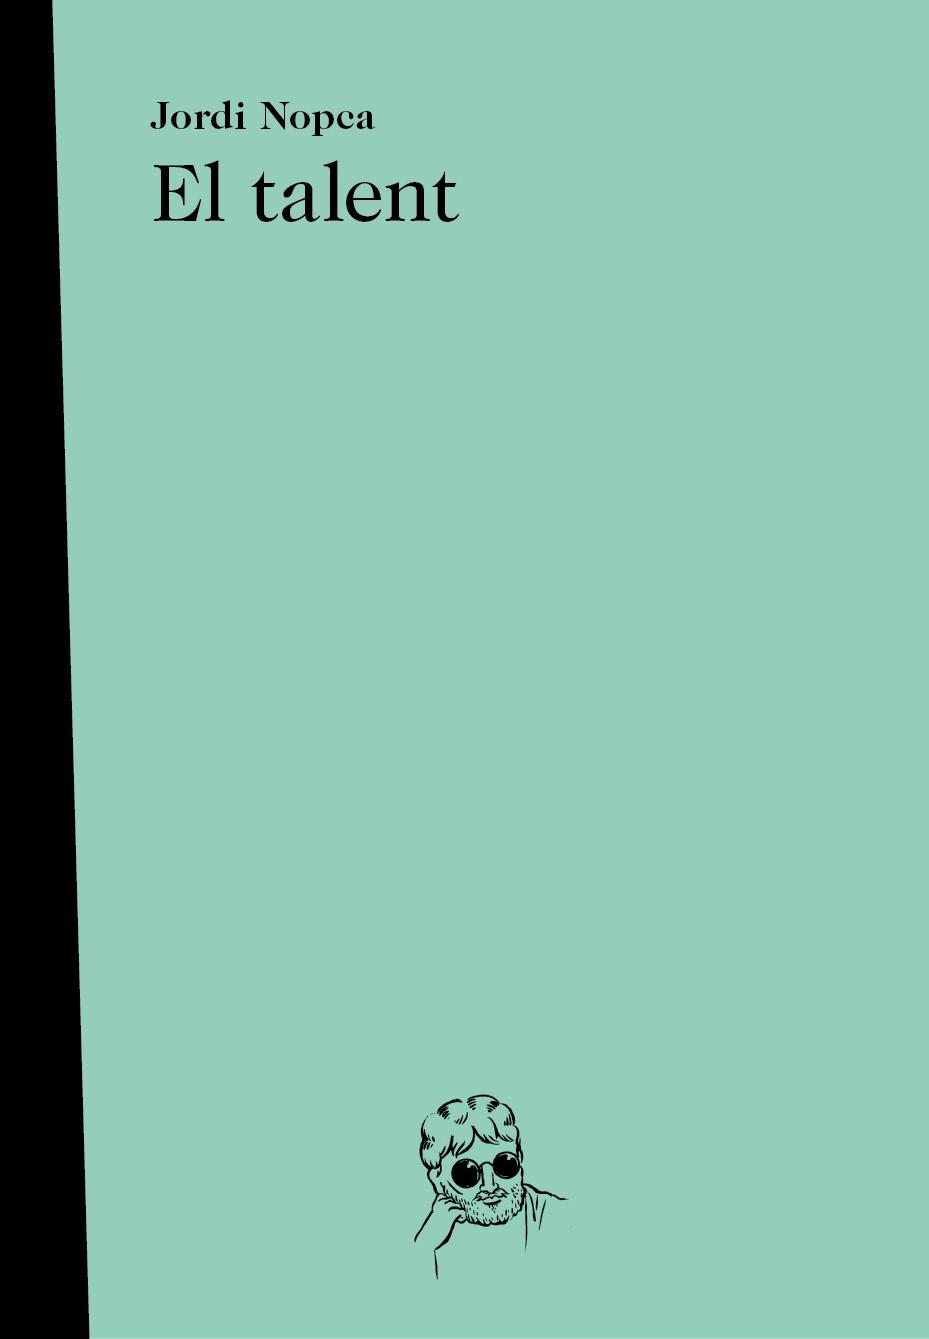 Literatura contemporánea en catalán Jordi-Nopca-El-talent